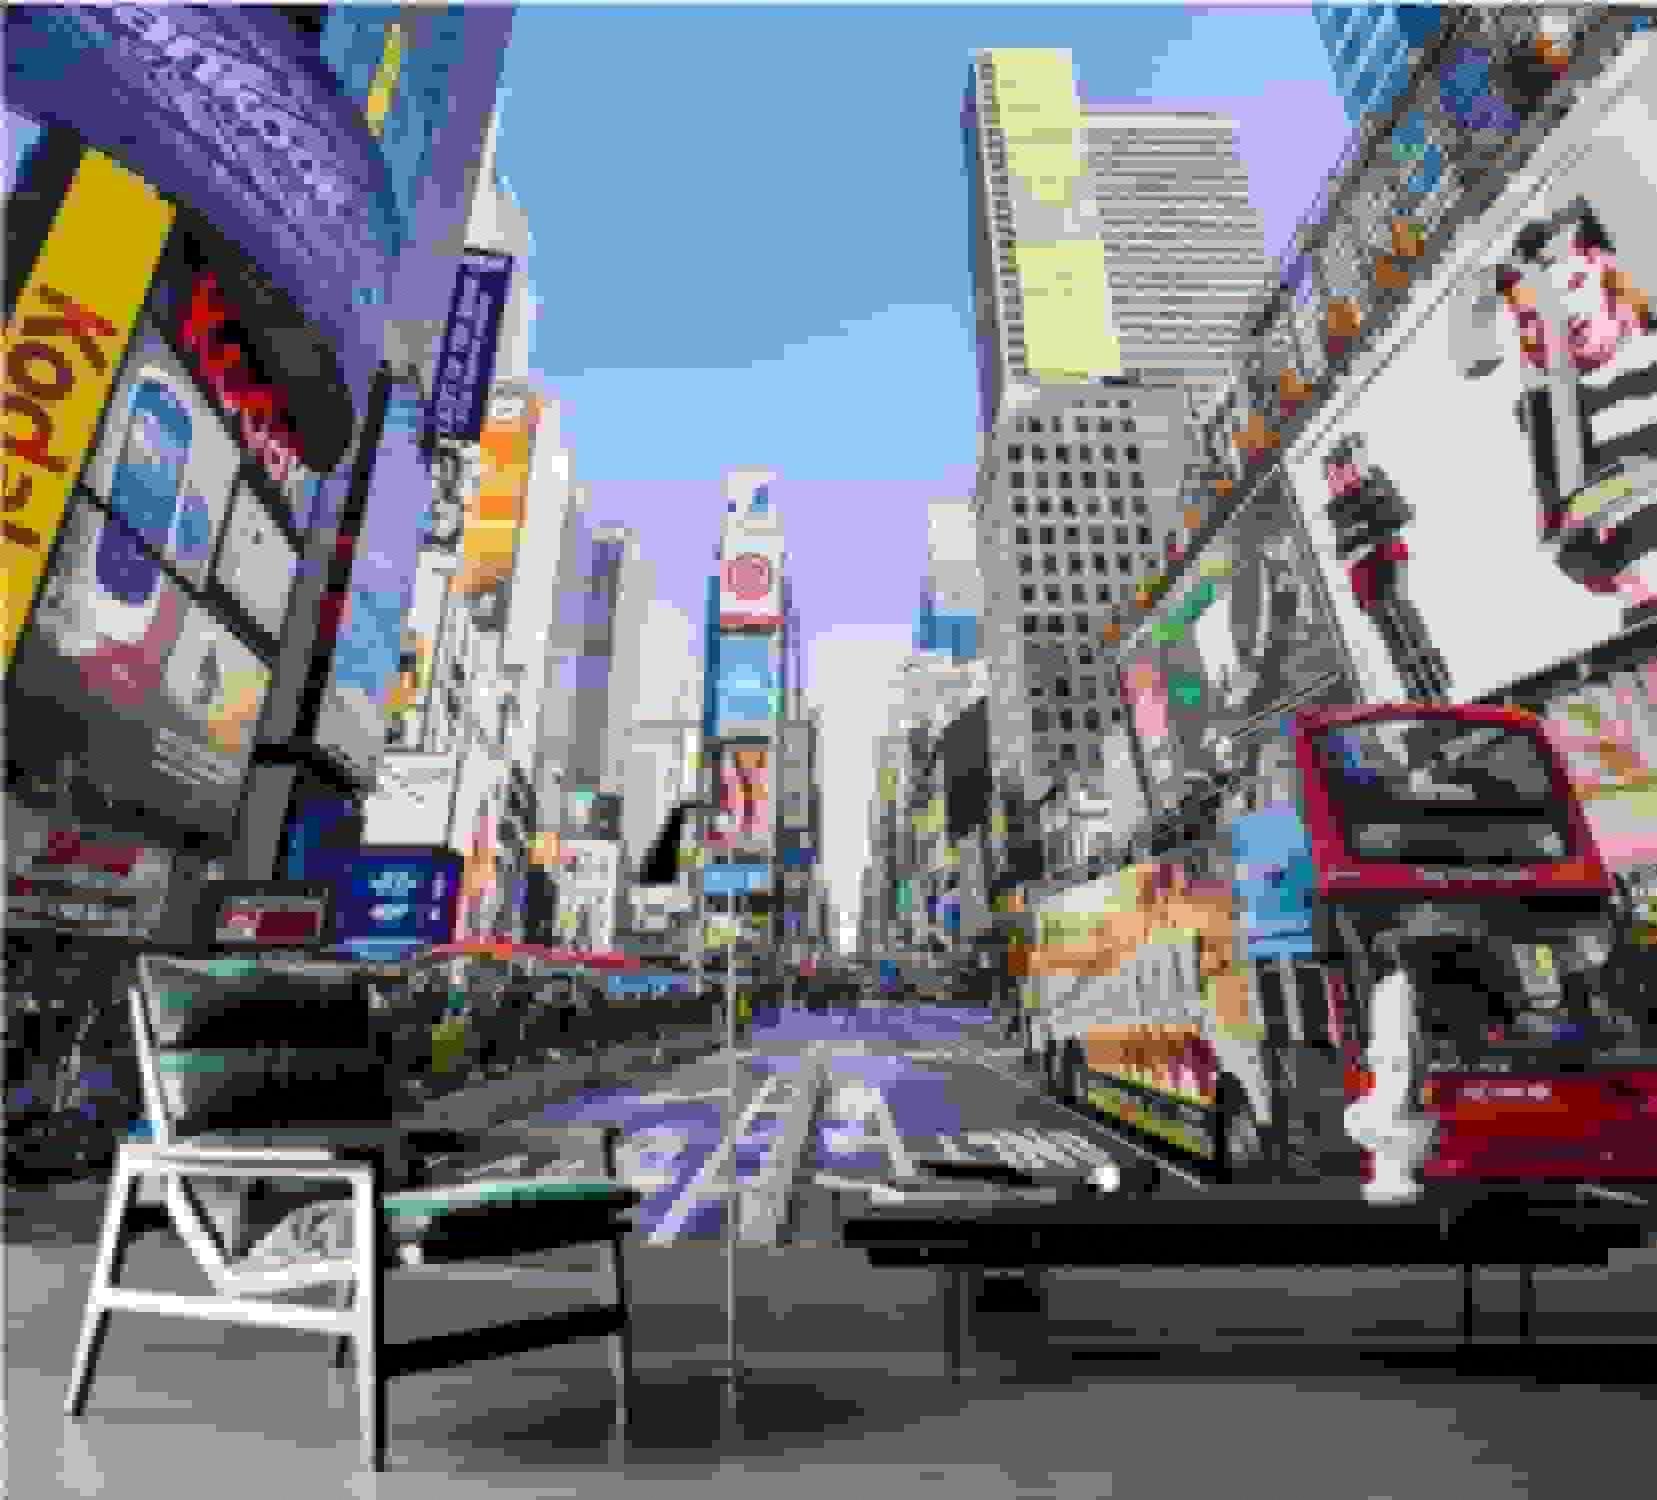 mejor vendido Mbwlkj Retro Exterior Calle Calle Paisaje Sala De Estar Estar Estar Parojo Personalizado Papel pintado De La Sala De Estar 3D Fondo De Pantalla De Un Hotel Exótico-200cmx140cm  encuentra tu favorito aquí